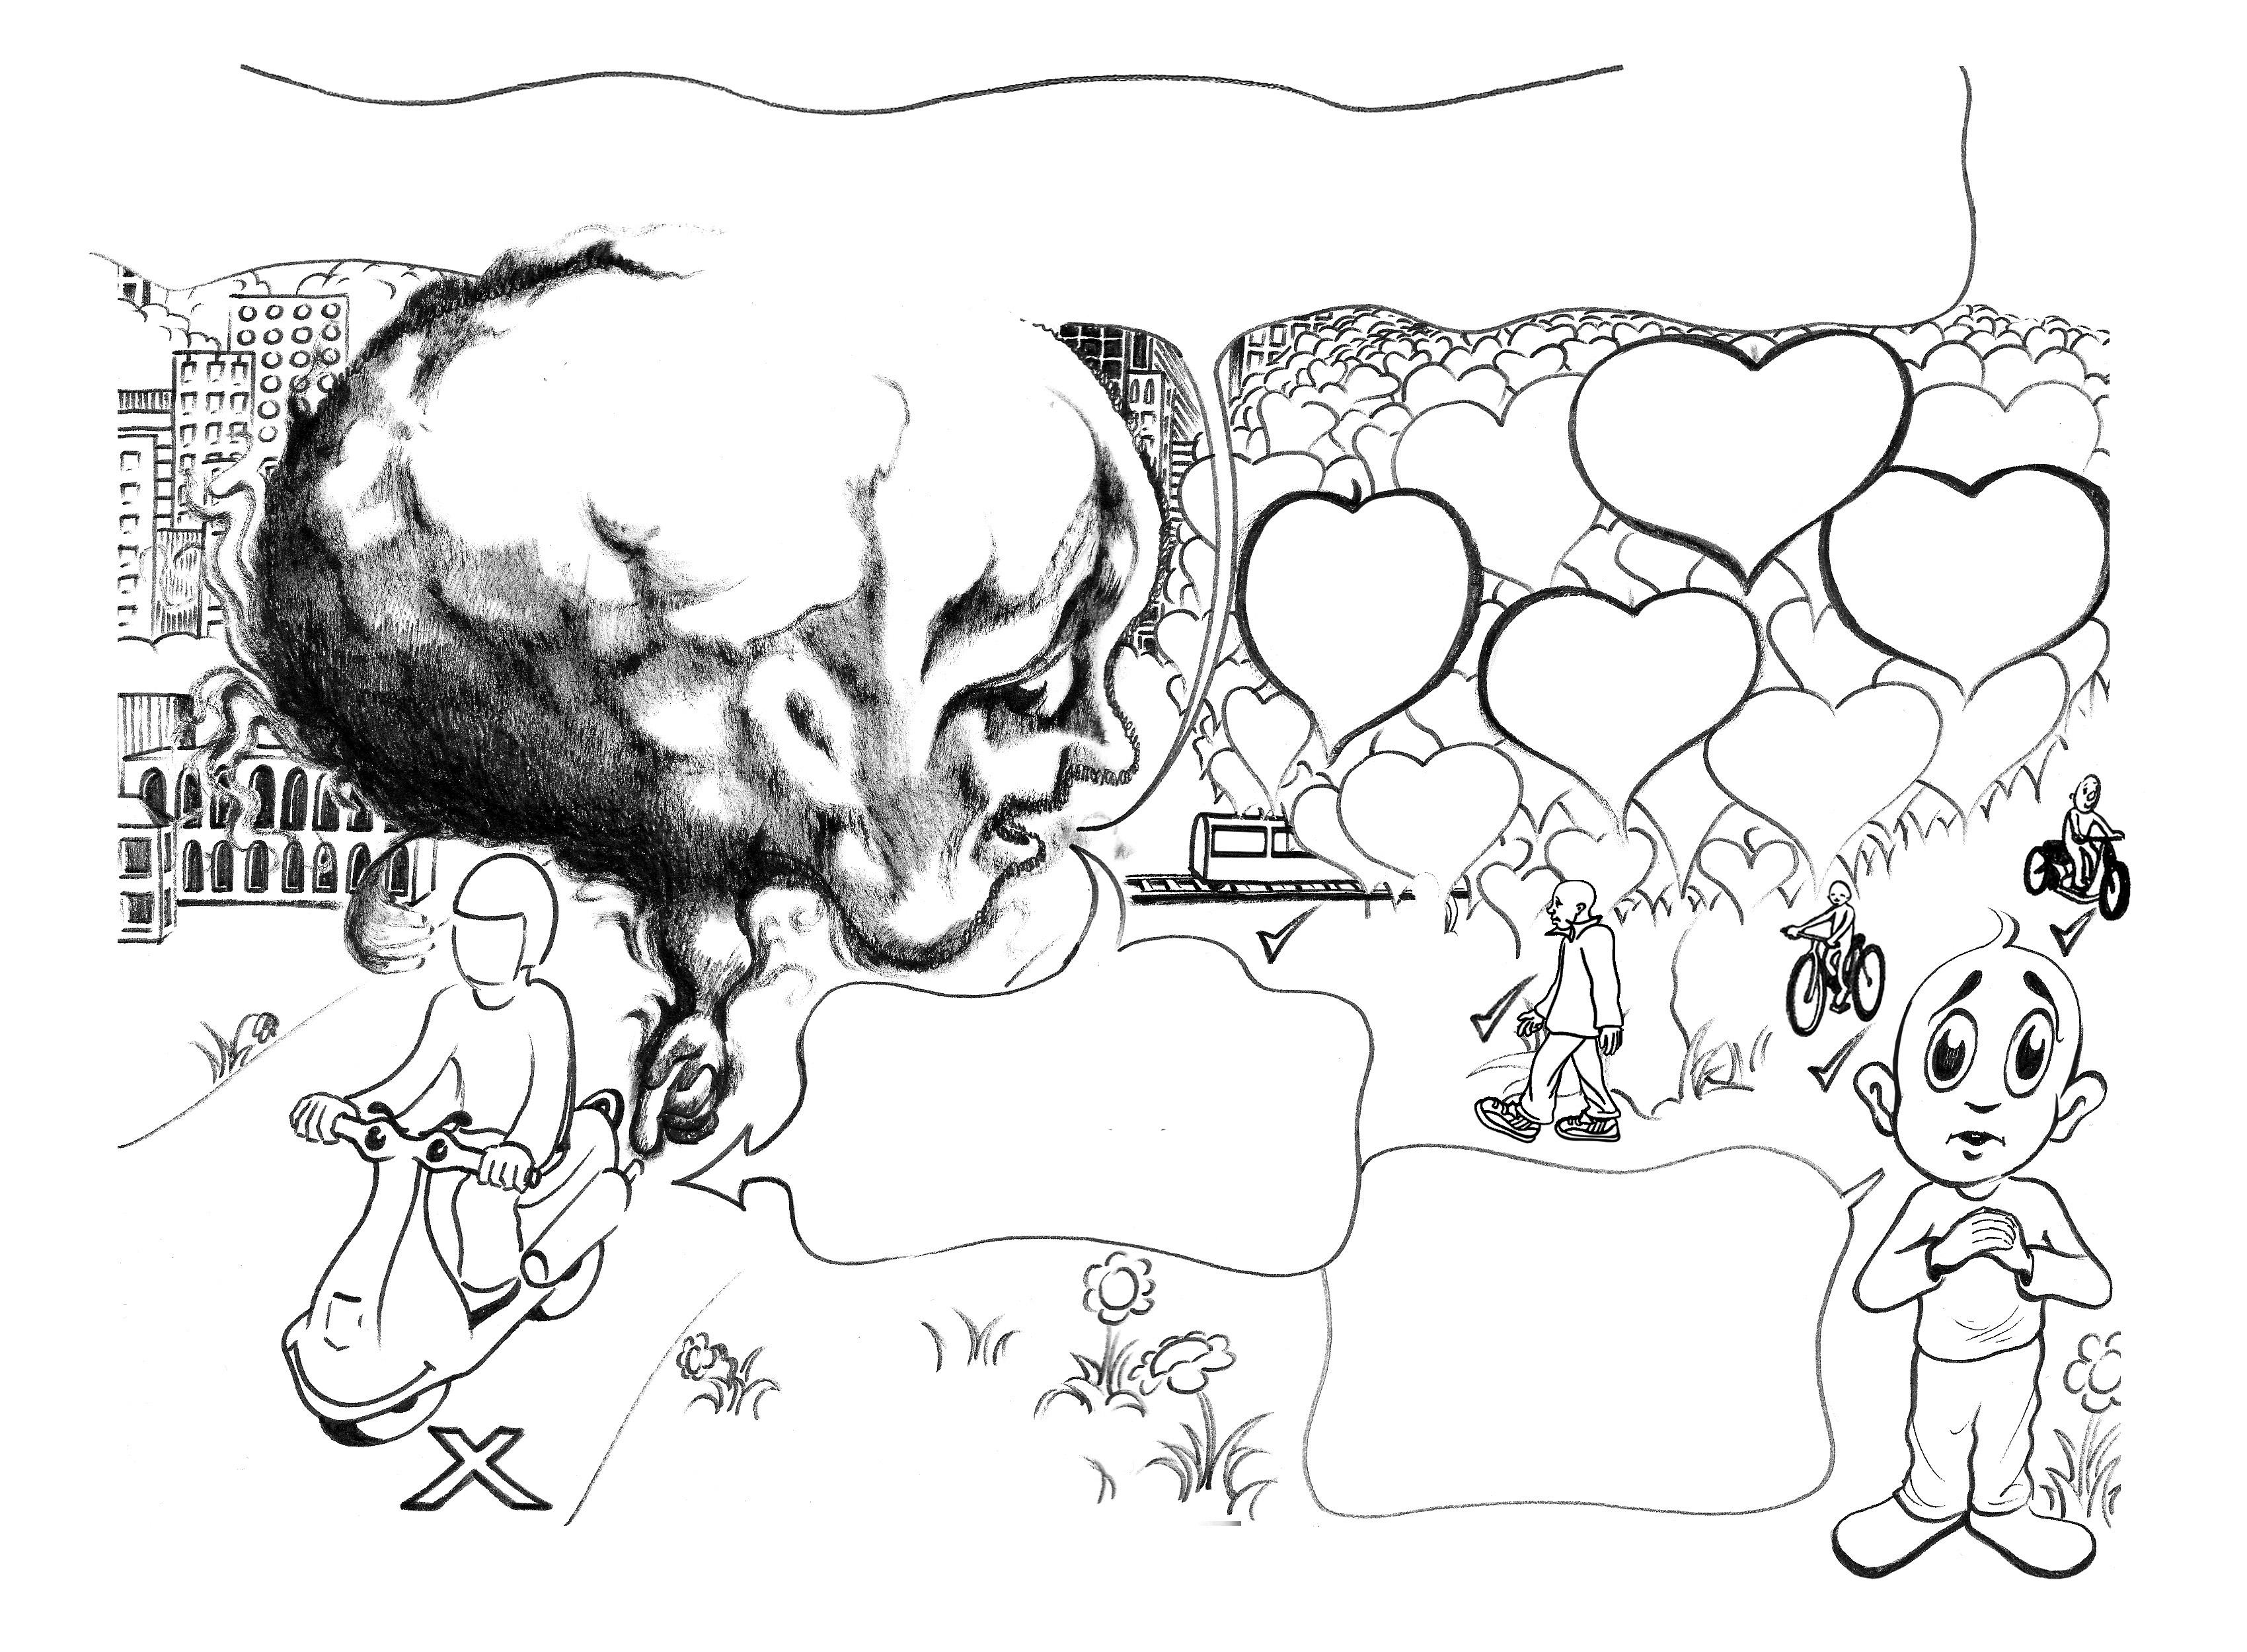 3400x2500 Pollution Pencil Sketch Pencil Sketch Of Pollution Of Air